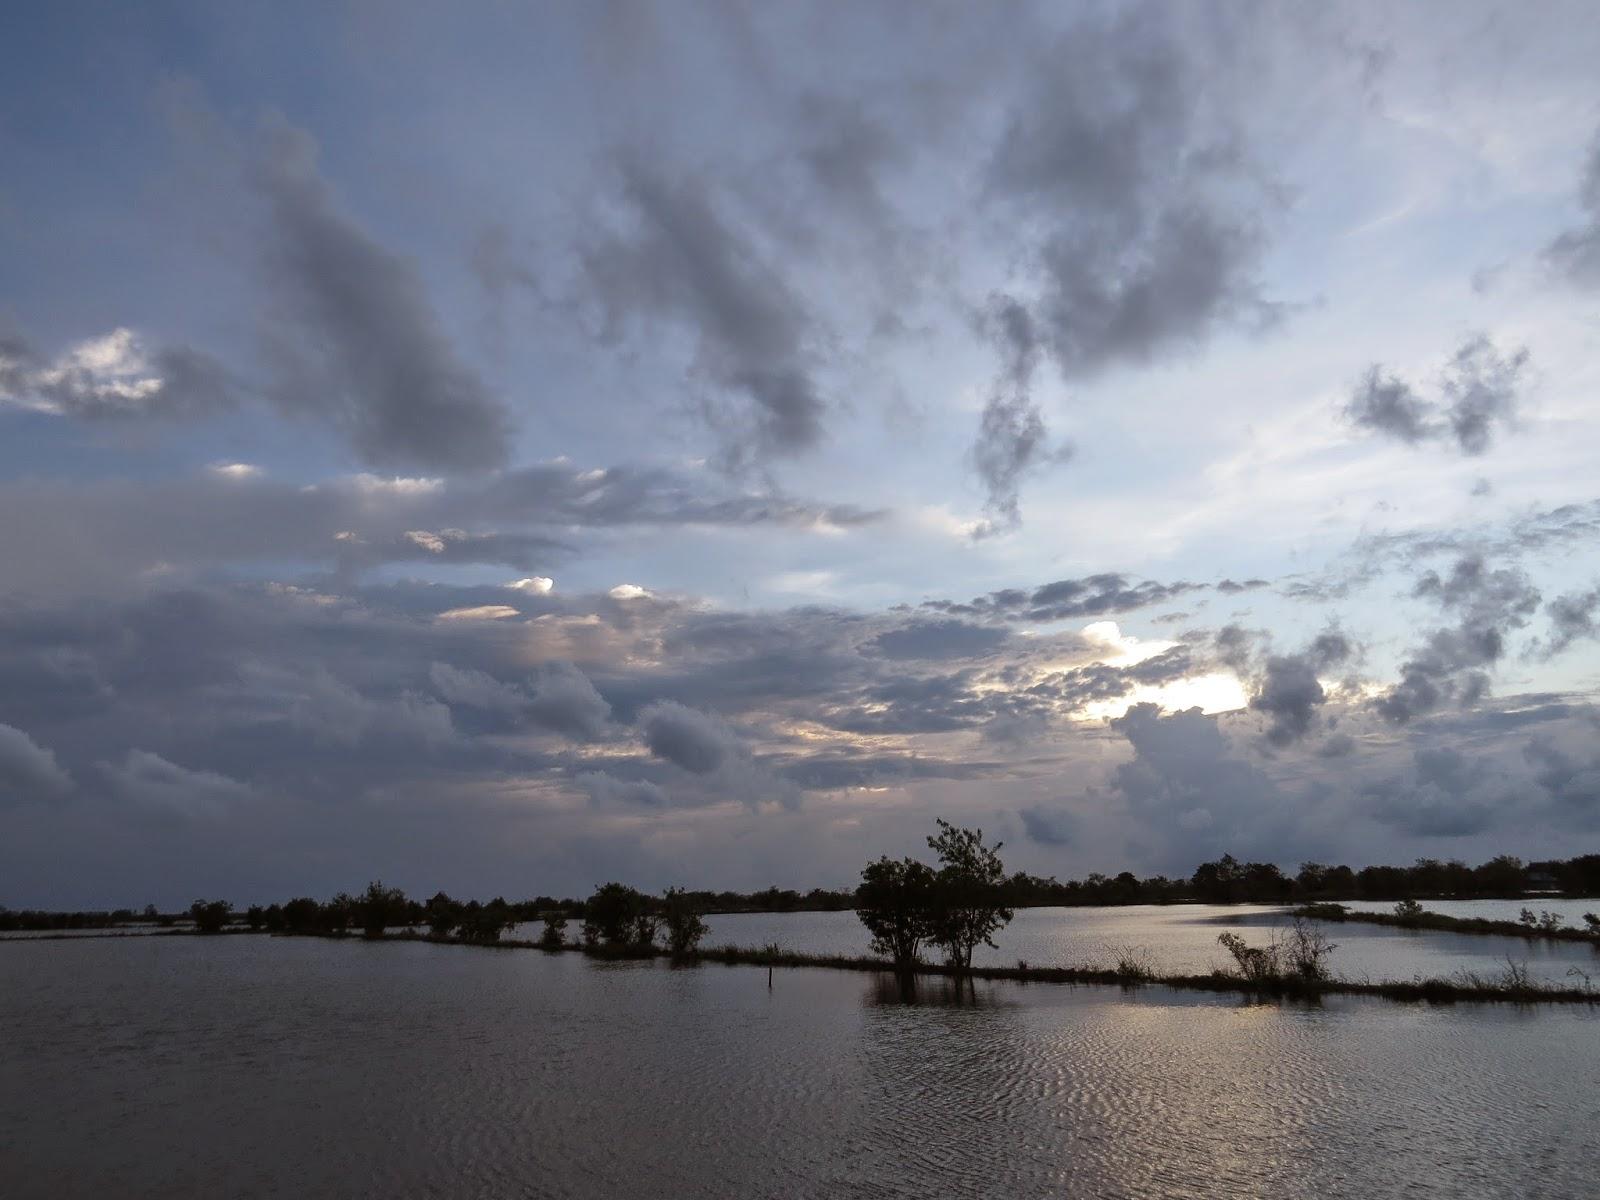 Medung diantara Pematang Tambak Yang Hampir Terendam Banjir